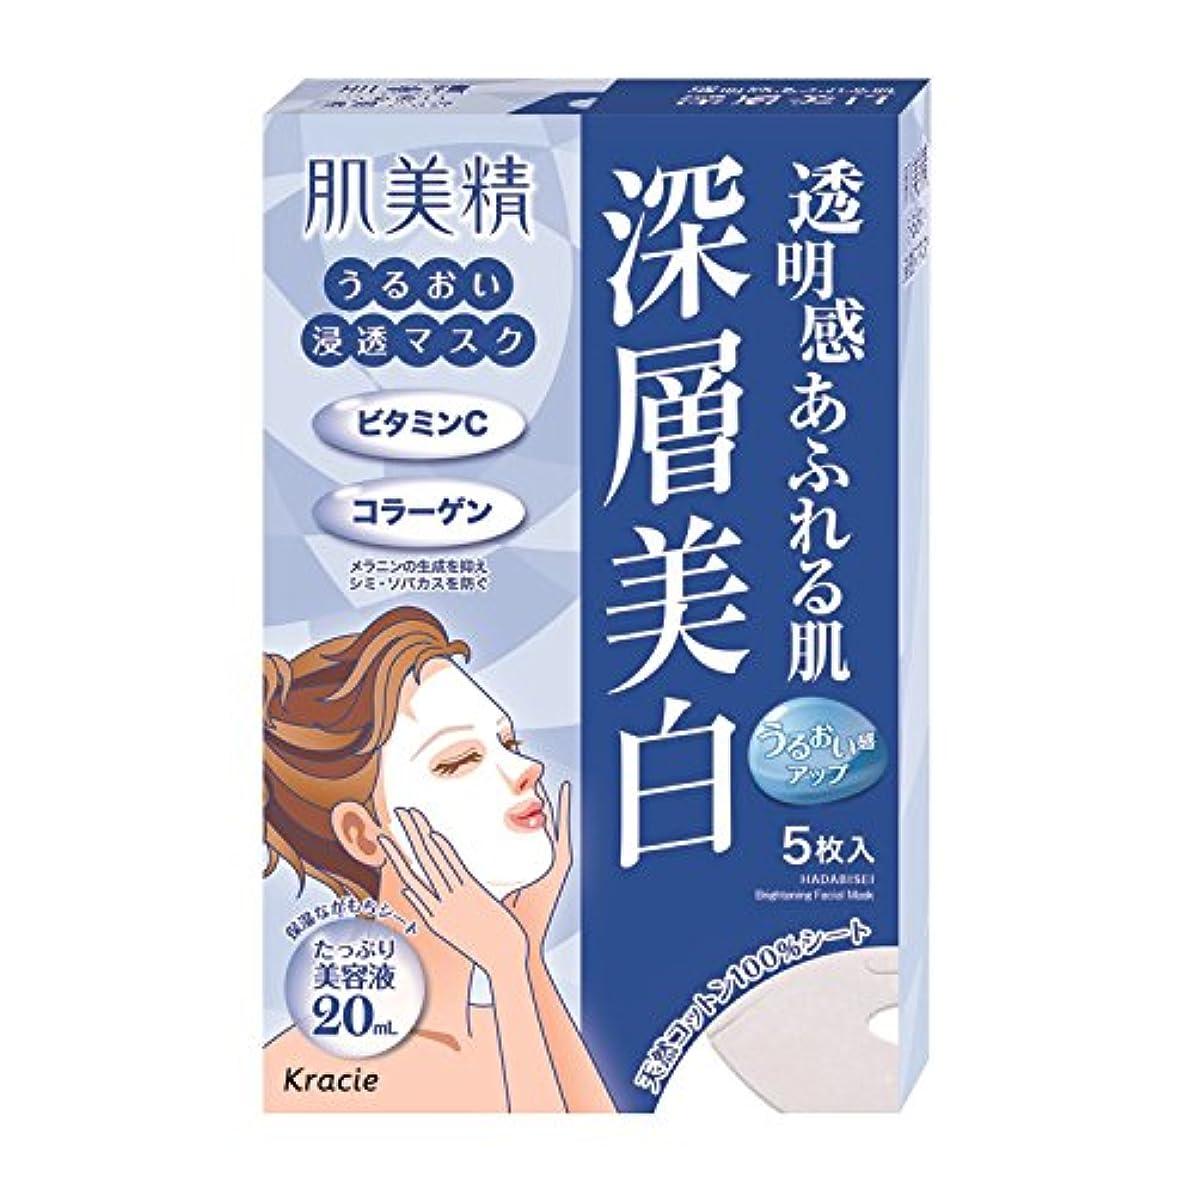 オプションナビゲーション舗装【まとめ買い】肌美精 うるおい浸透マスク(深層美白タイプ)5枚入 ×2セット